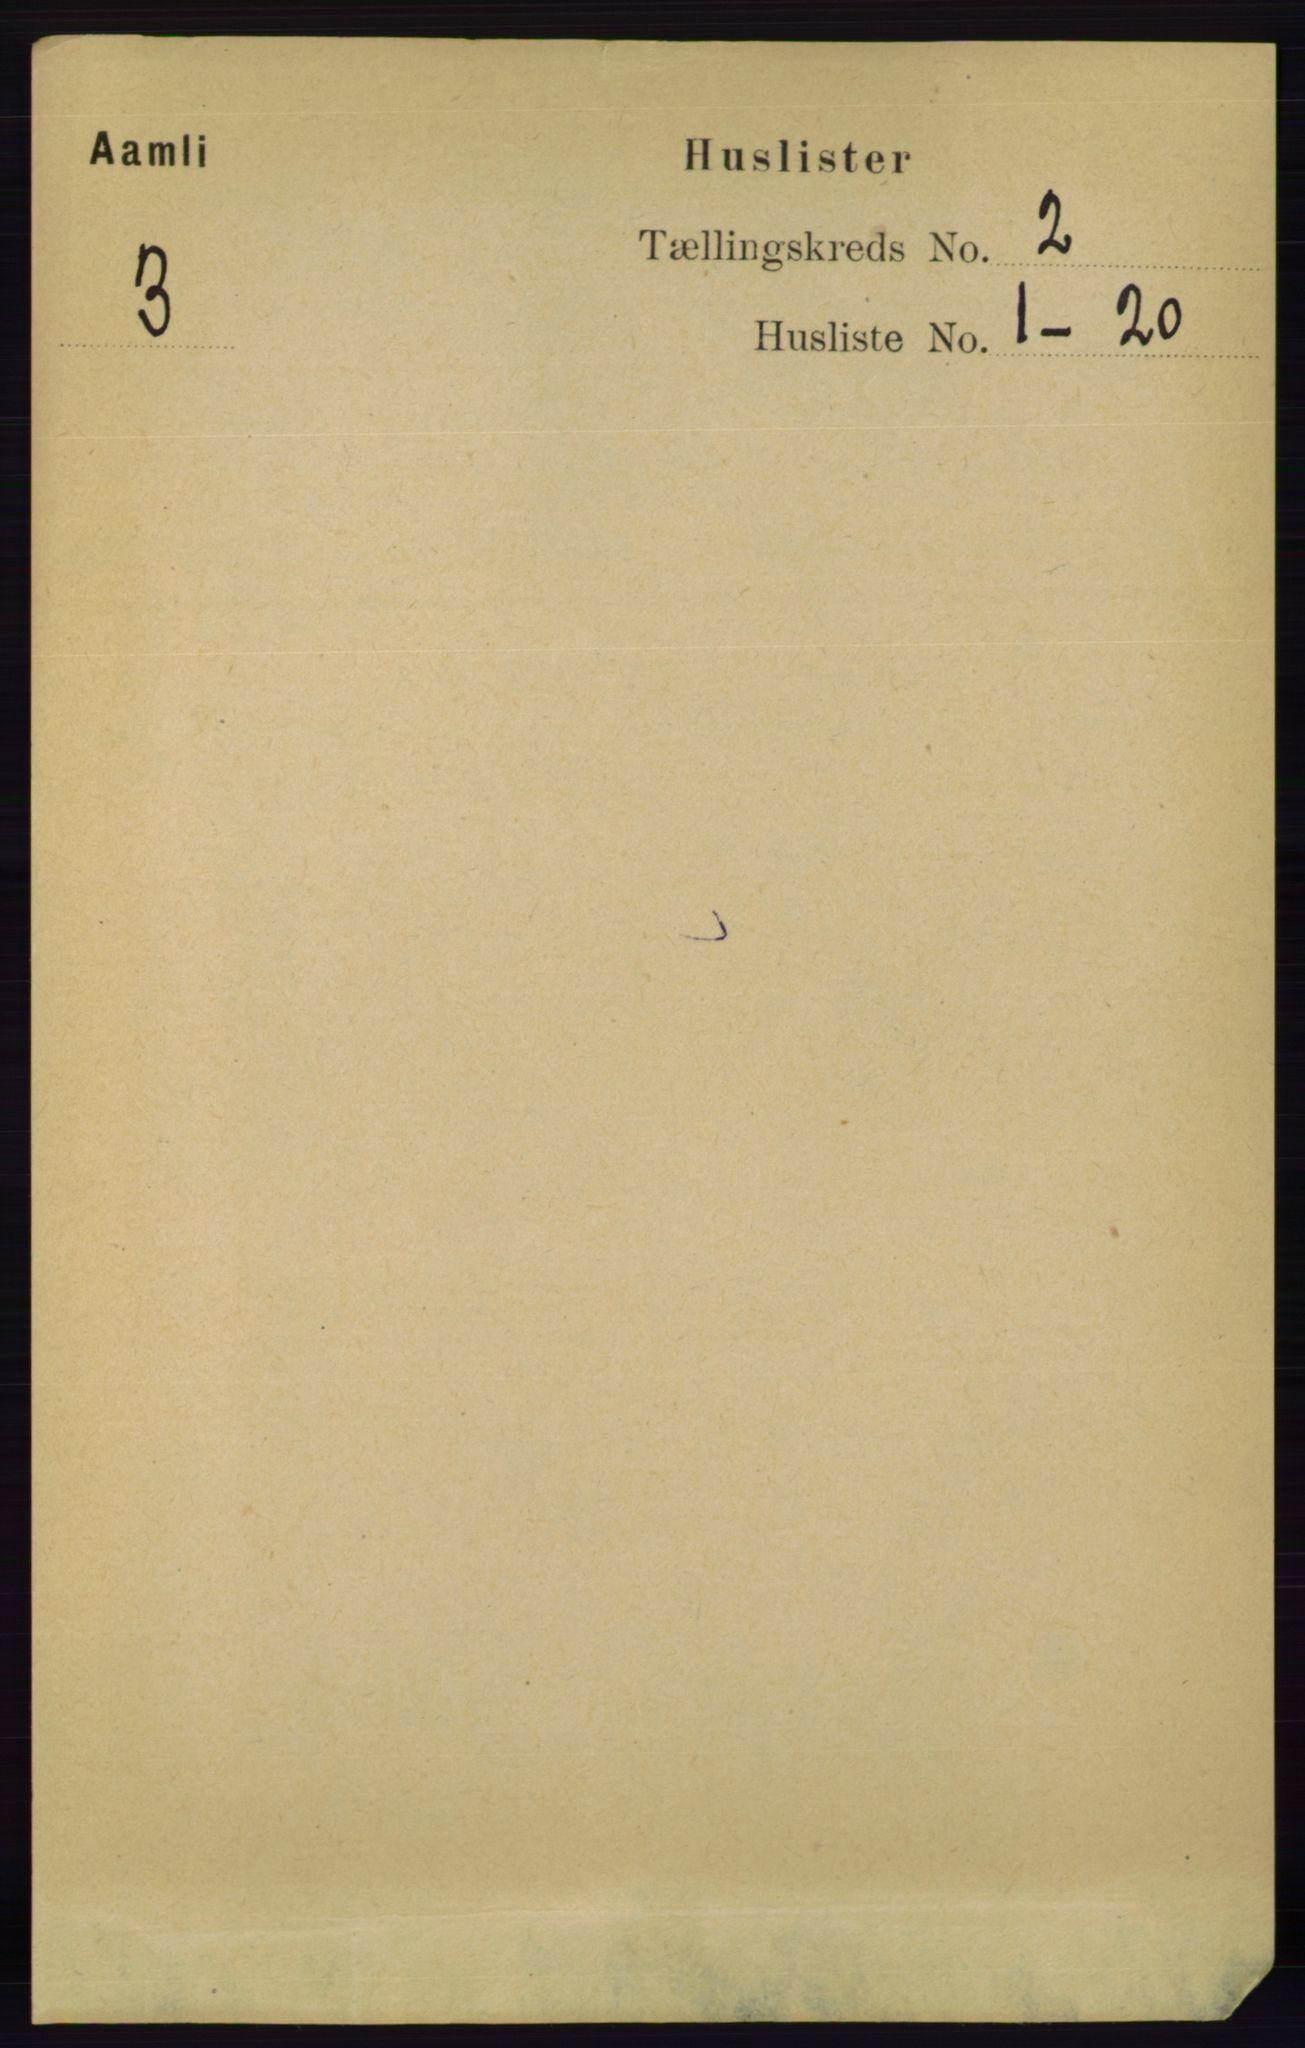 RA, Folketelling 1891 for 0929 Åmli herred, 1891, s. 147